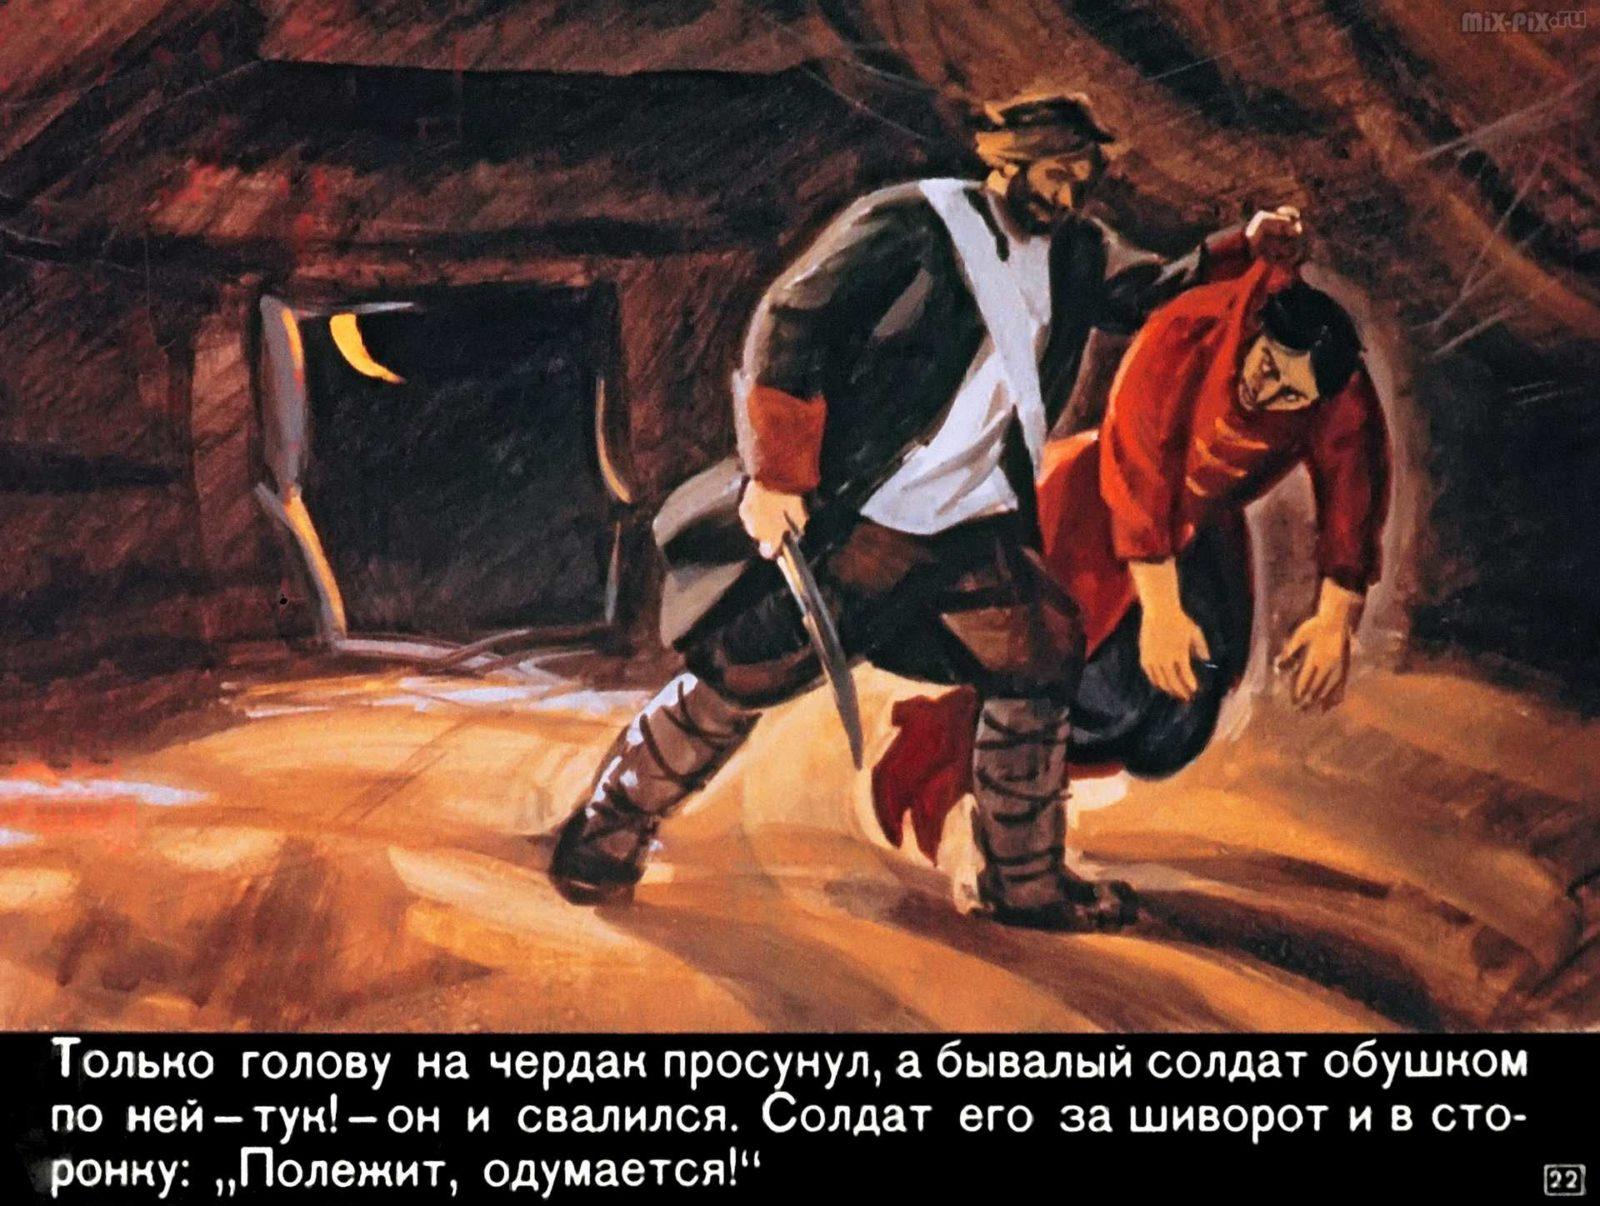 Сказка о бывалом солдате, царе и двенадцати разбойниках (1969) 33